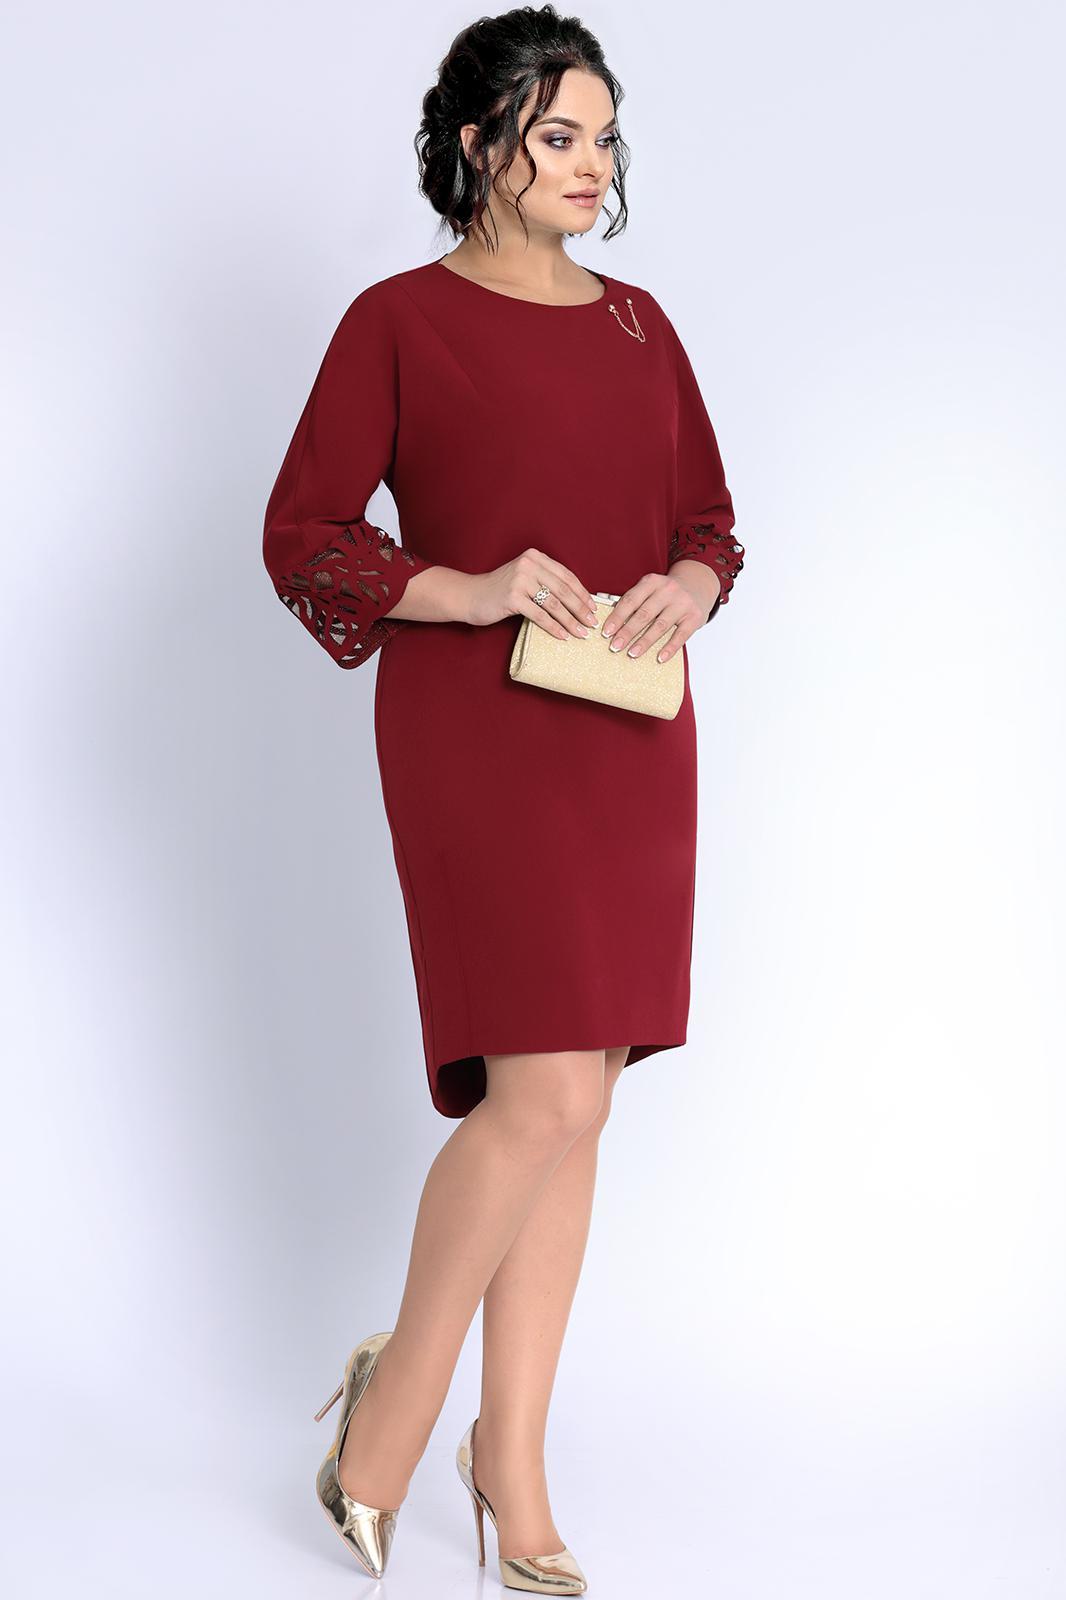 Купить Платье Джерси, 1754 бордовый, Беларусь